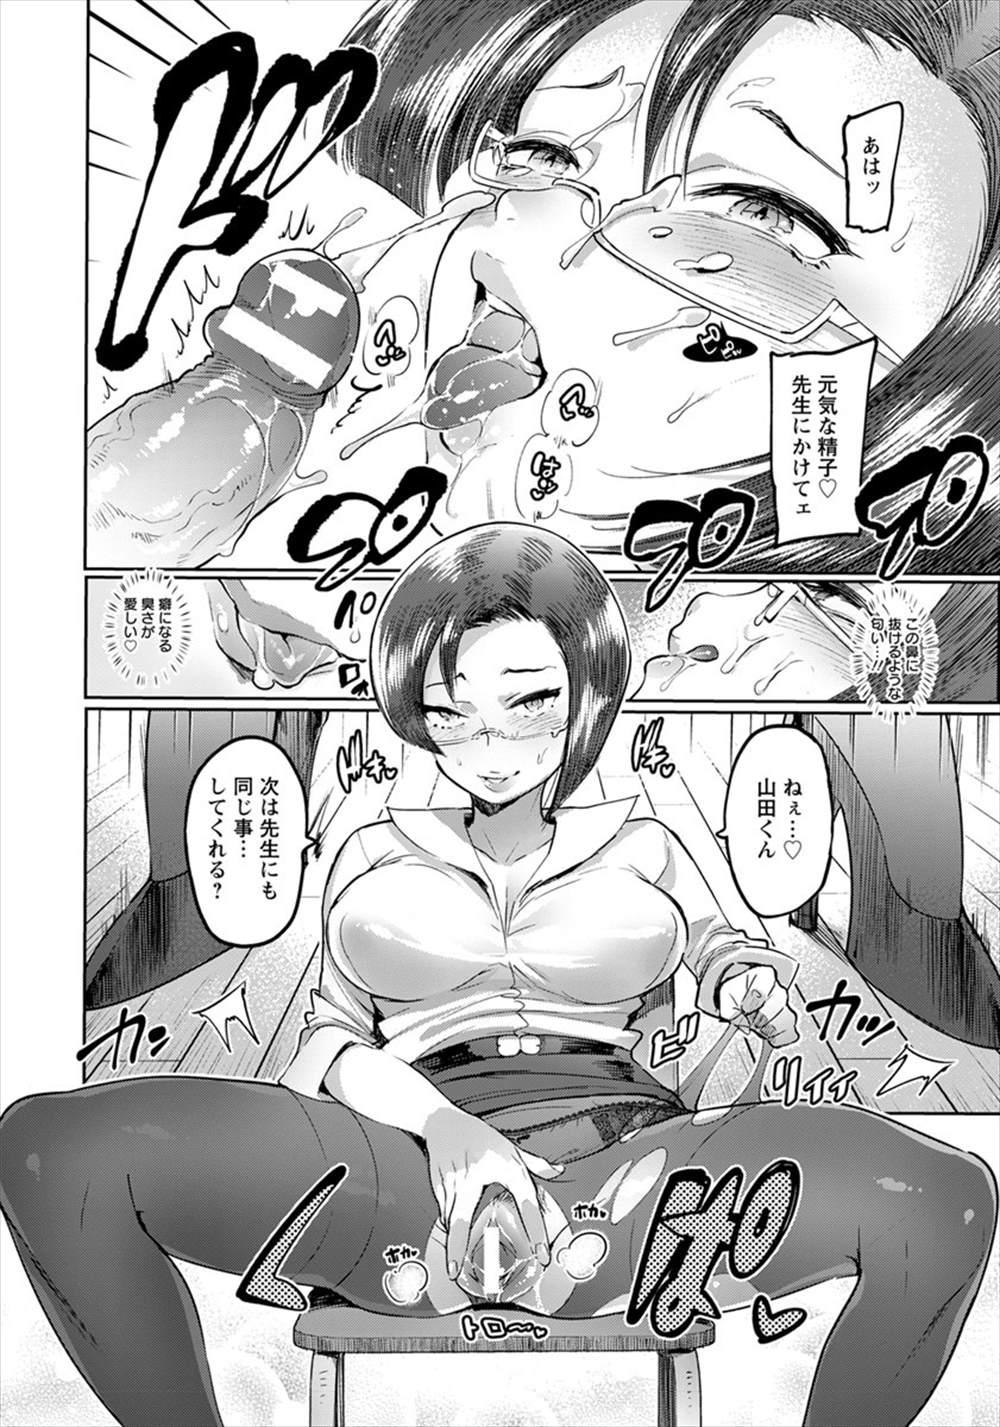 【エロ漫画】母親と近親相姦している息子…メガネ巨乳先生に告白したら逆レイプされてしまったwww【伊丹:毒ママVS先生】